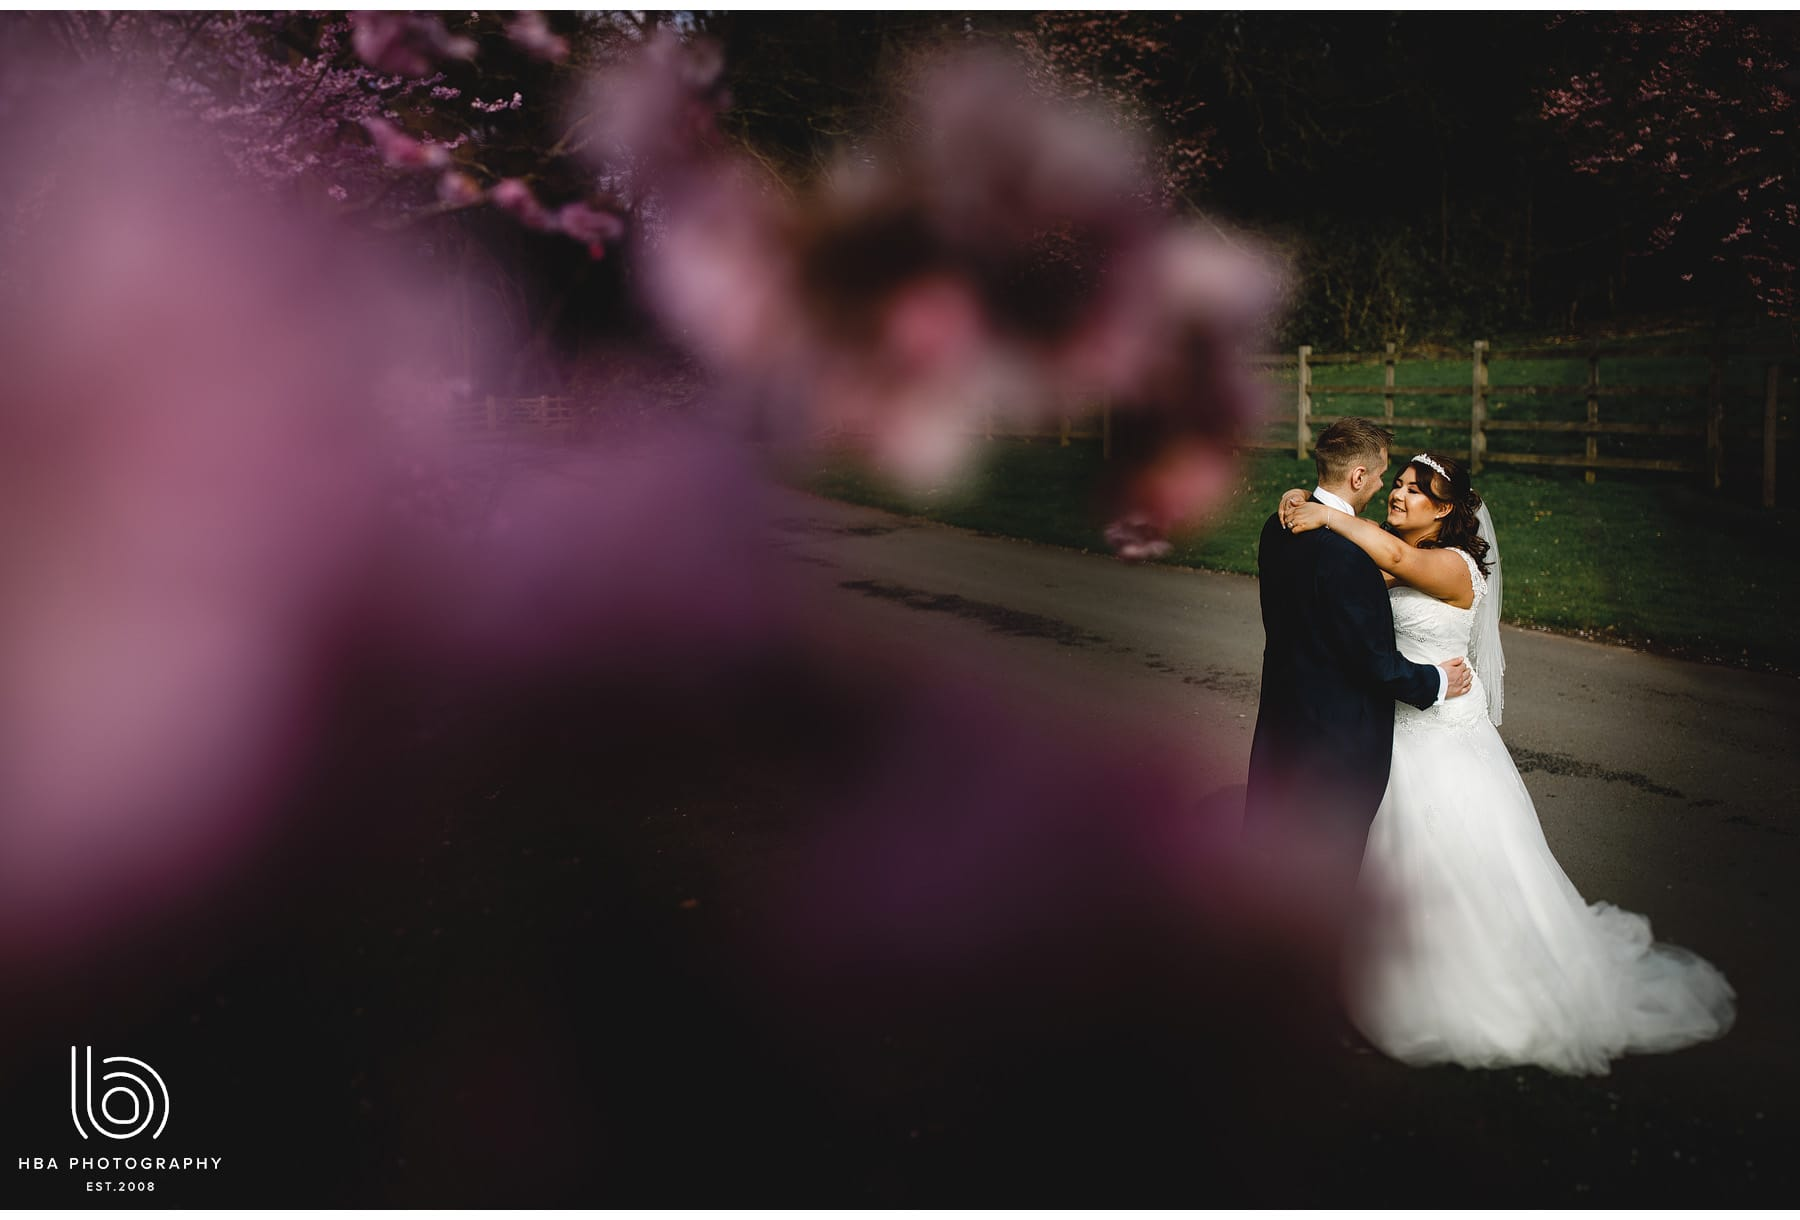 the bride & groom through the blossom